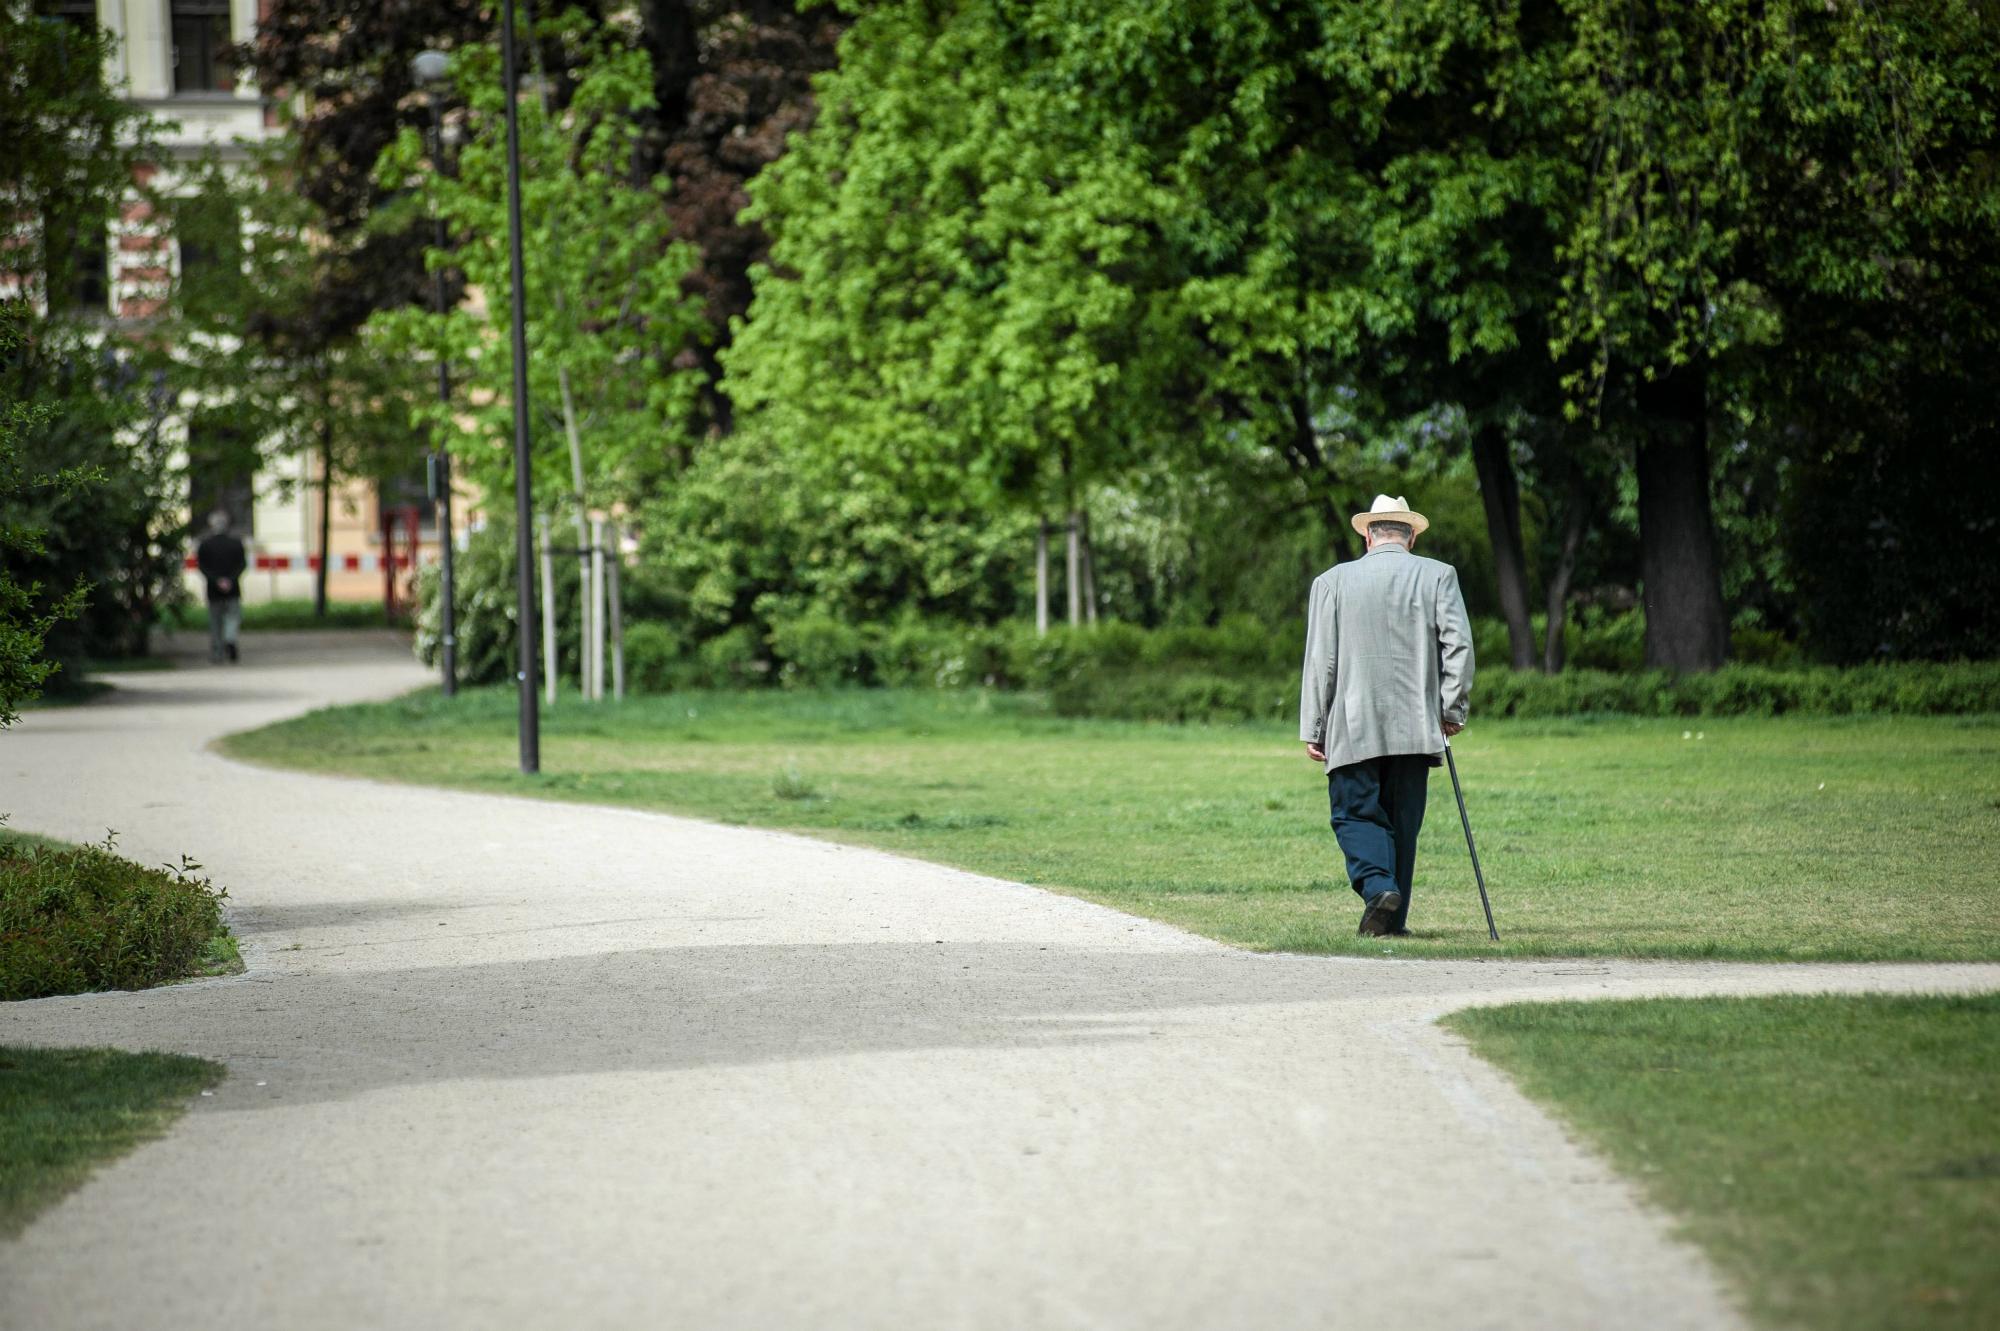 Starsze osoby bardzo potrzebują rozmowy, bo w ich wieku nie mają już za bardzo z kim podzielić się tym, co czują, myślą (fot: Kornelia Głowacka-Wolf/ Agencja Gazeta)